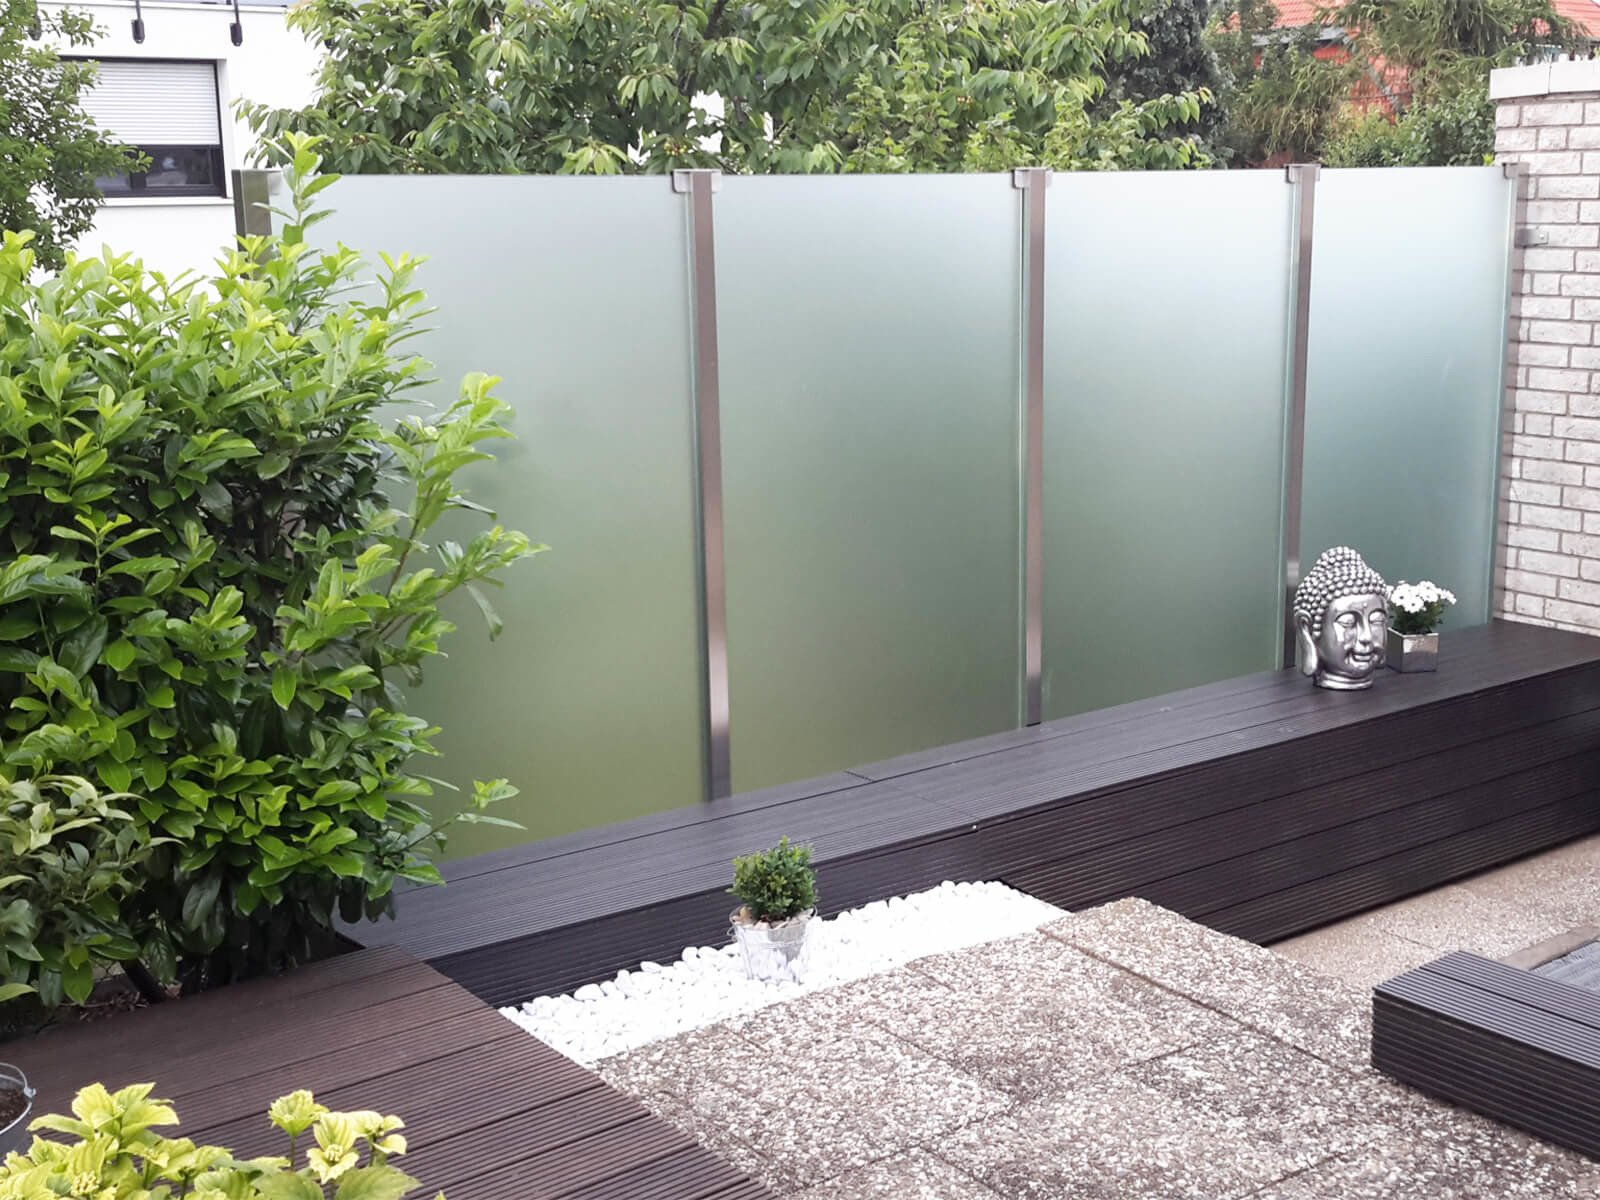 satinierter-glaszaun-als-windschutz-und-sichtschutz-fuer-garten-und-terrasse-in-moderner-zeitlosen-optik